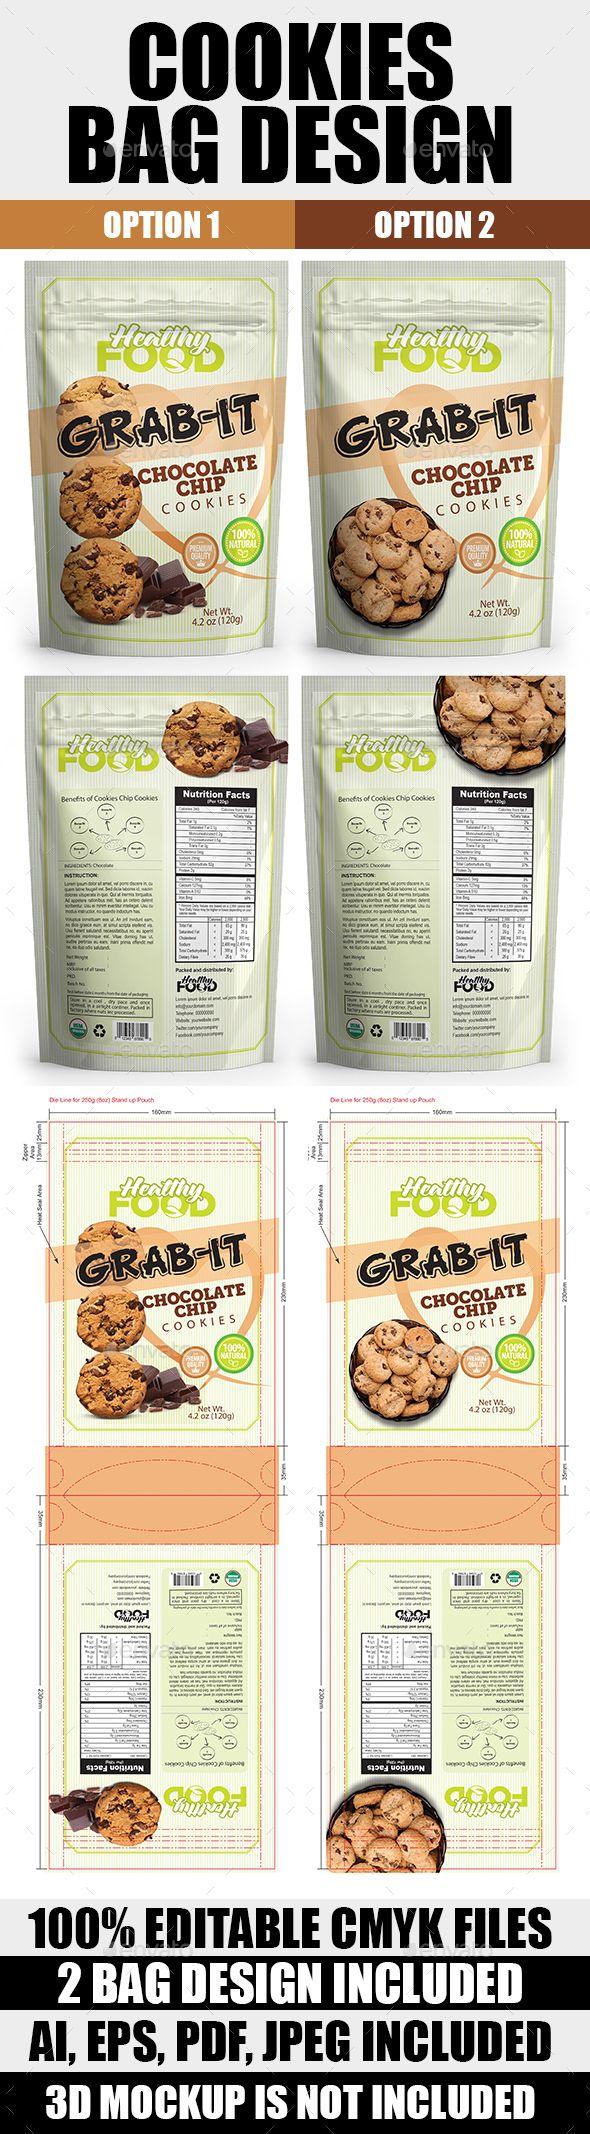 Cookies Bag Packaging Template